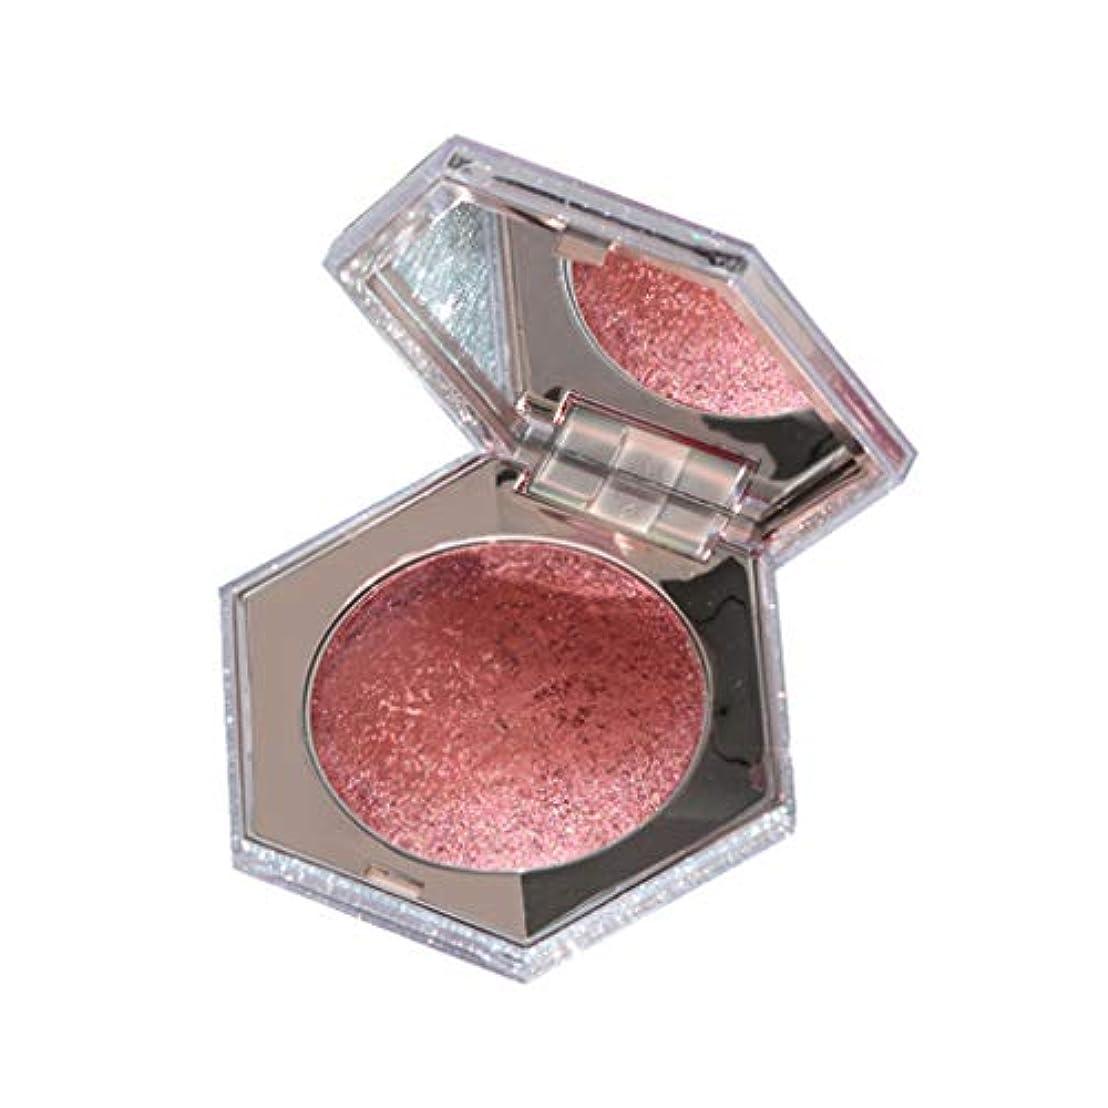 罪安息鉄Dream ハイライト 女性の輪郭の粉の蛍光ペンの修理容量の軽い高い化粧品 (C)